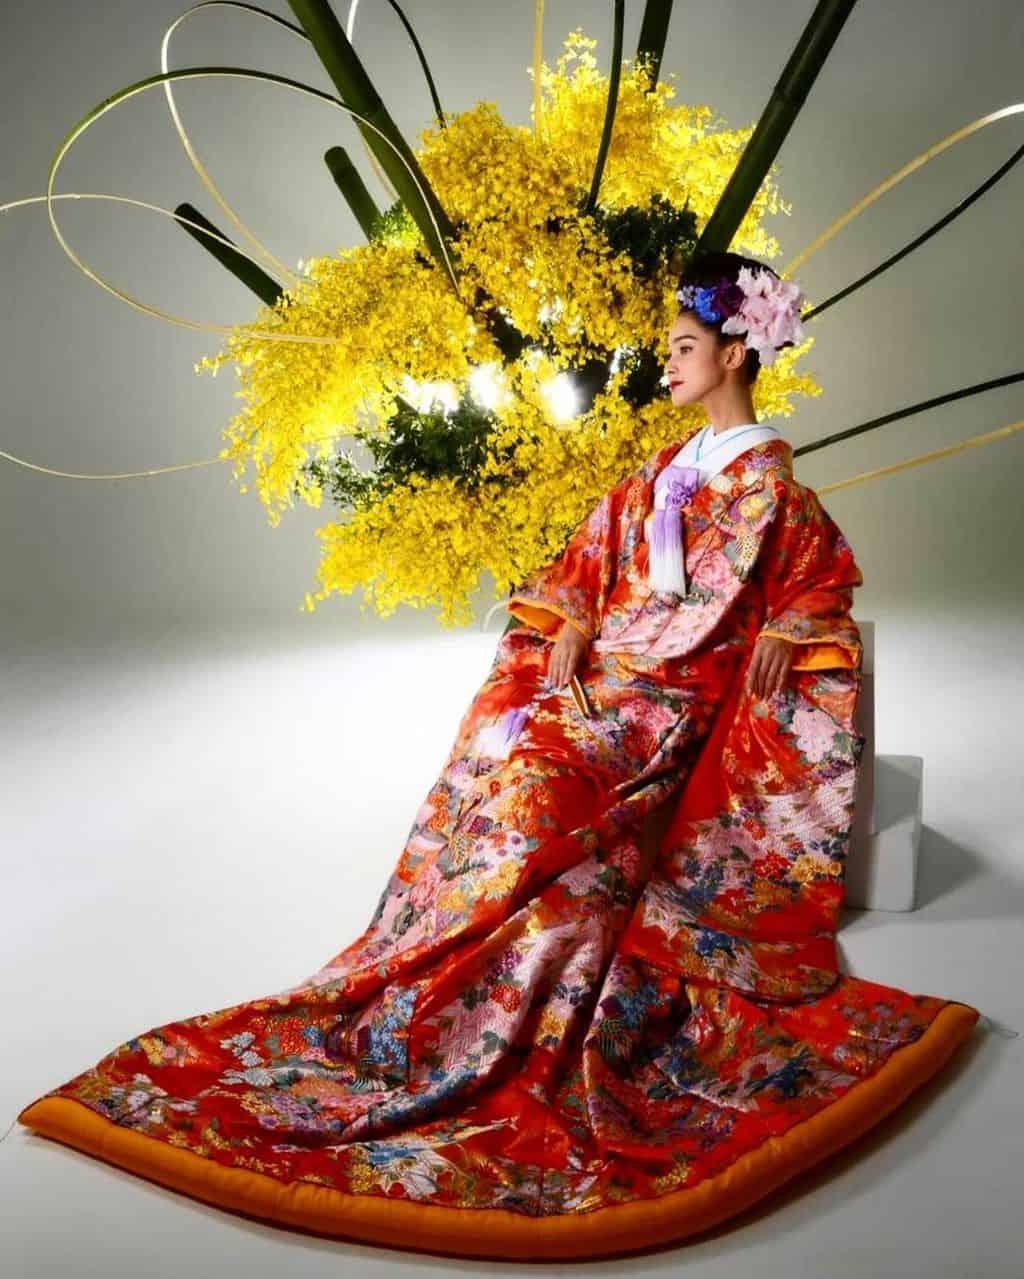 桂由美で着物レンタル♡花嫁さんの和装におすすめなセレクション20選のカバー写真